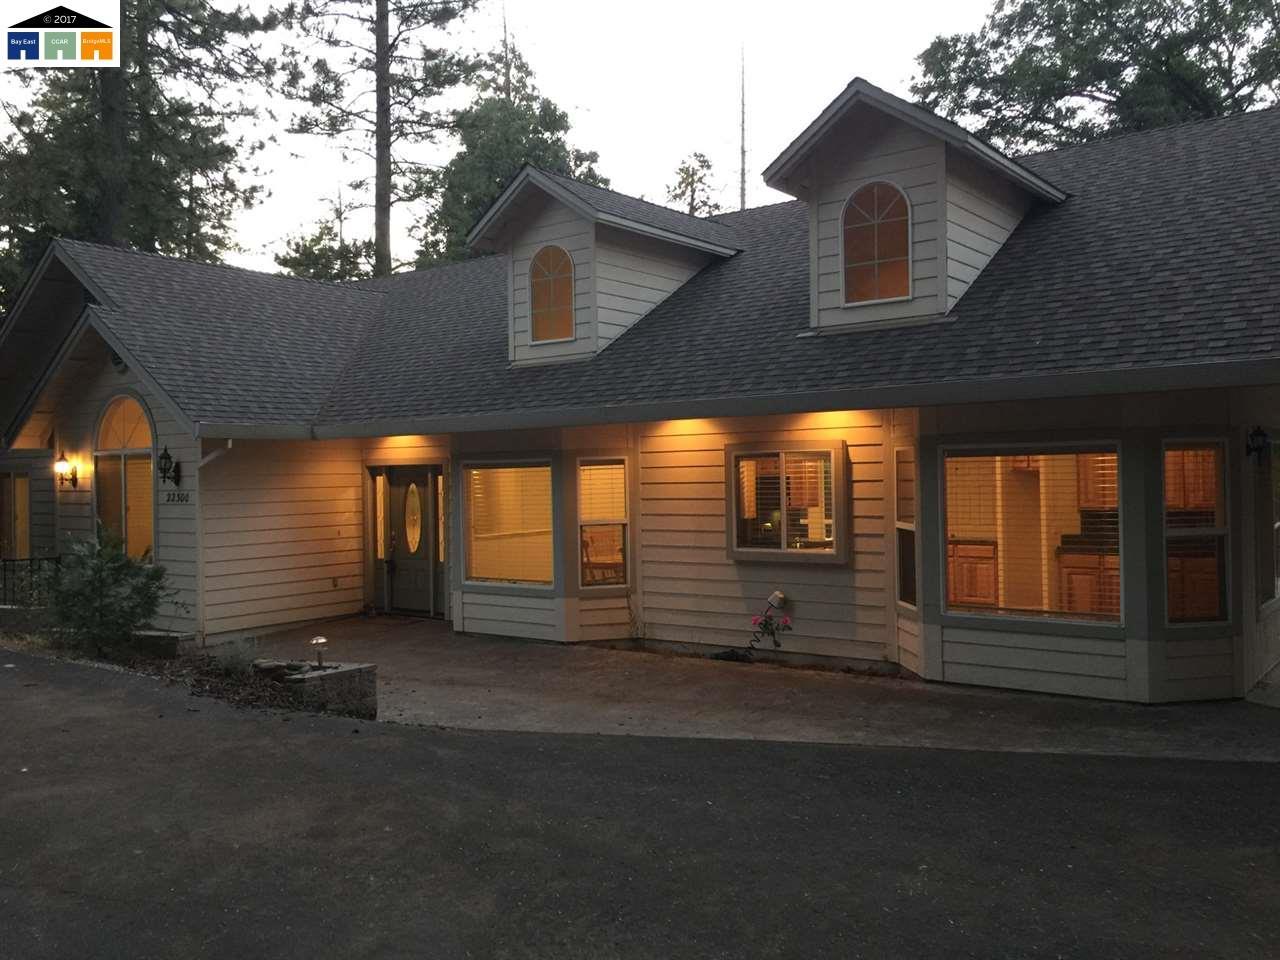 Частный односемейный дом для того Продажа на 22300 Ridge Road 22300 Ridge Road Twain Harte, Калифорния 95383 Соединенные Штаты